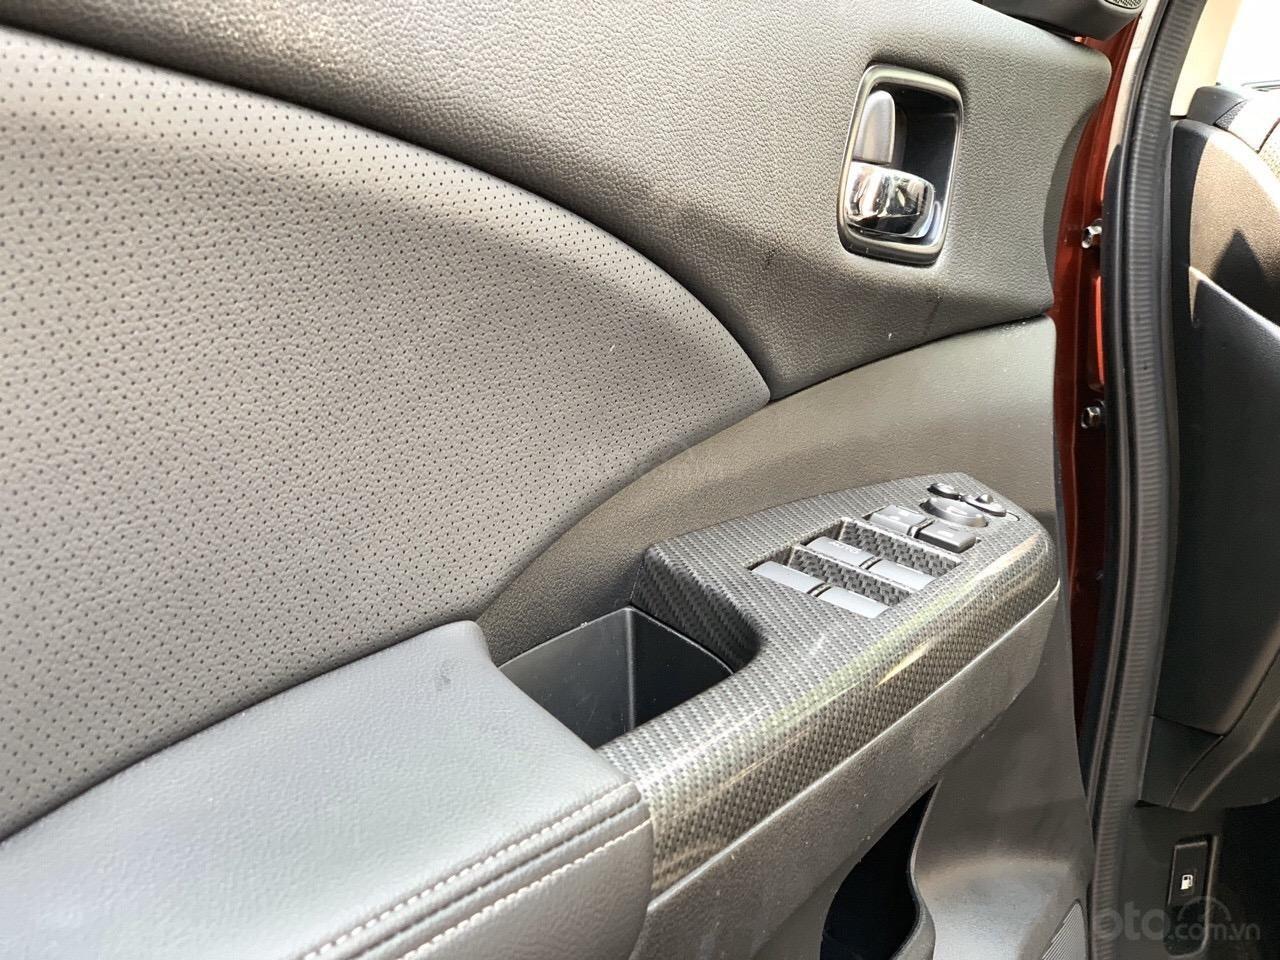 Bán Honda CRV 2.4 bản TG SX 2017 lẫy số vô lăng, xe đen bao check hãng (6)